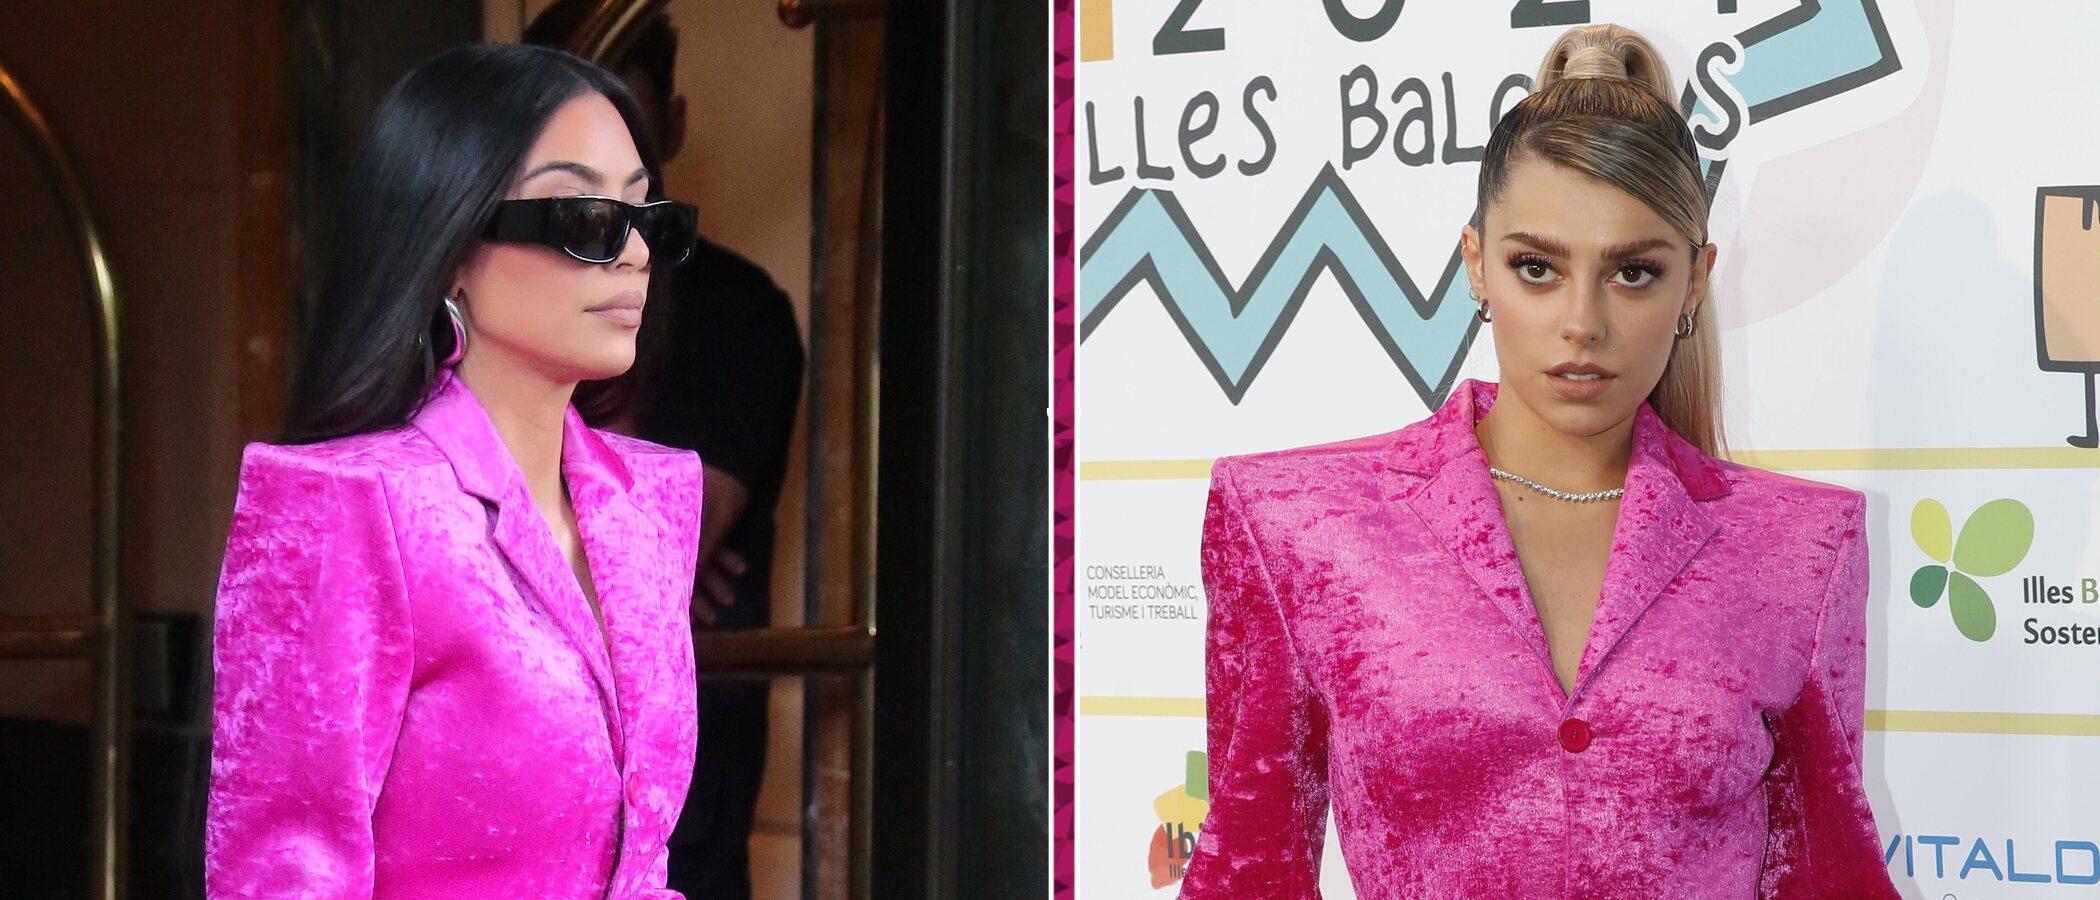 Paula Cendejas se adelanta luciendo el look más colorido de Kim Kardashian en las últimas semanas